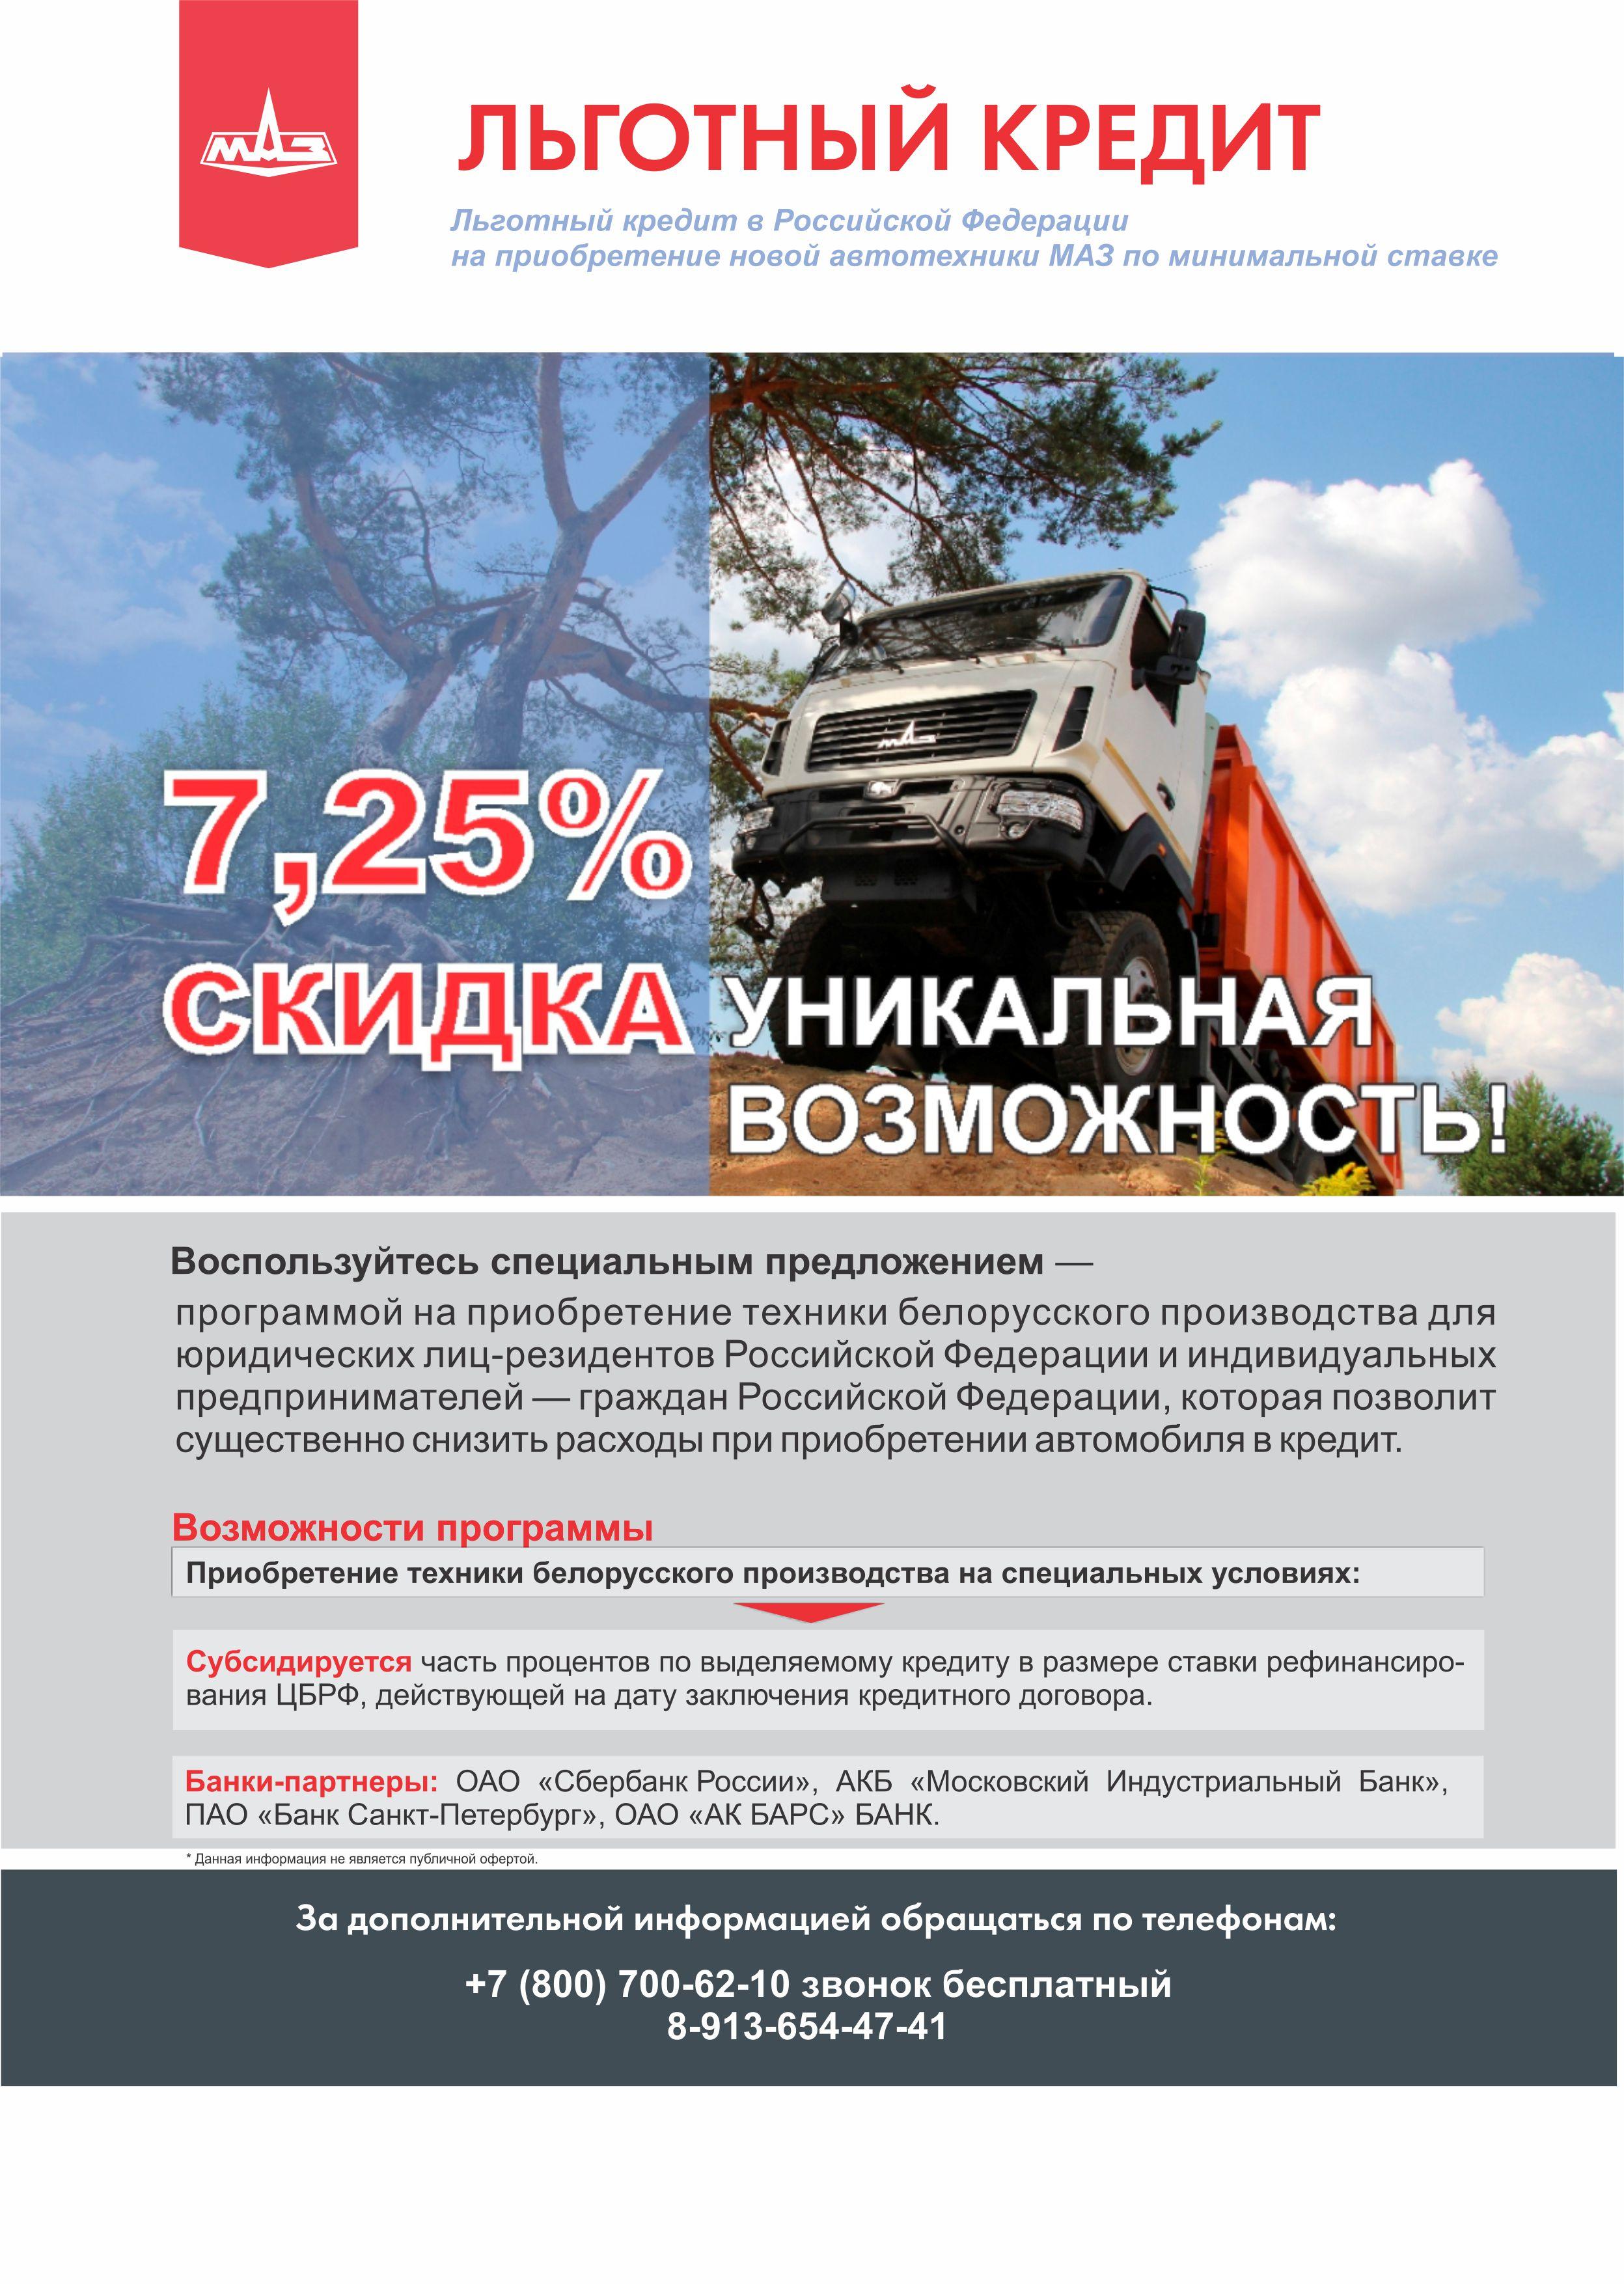 Льготный кредит 7,2%